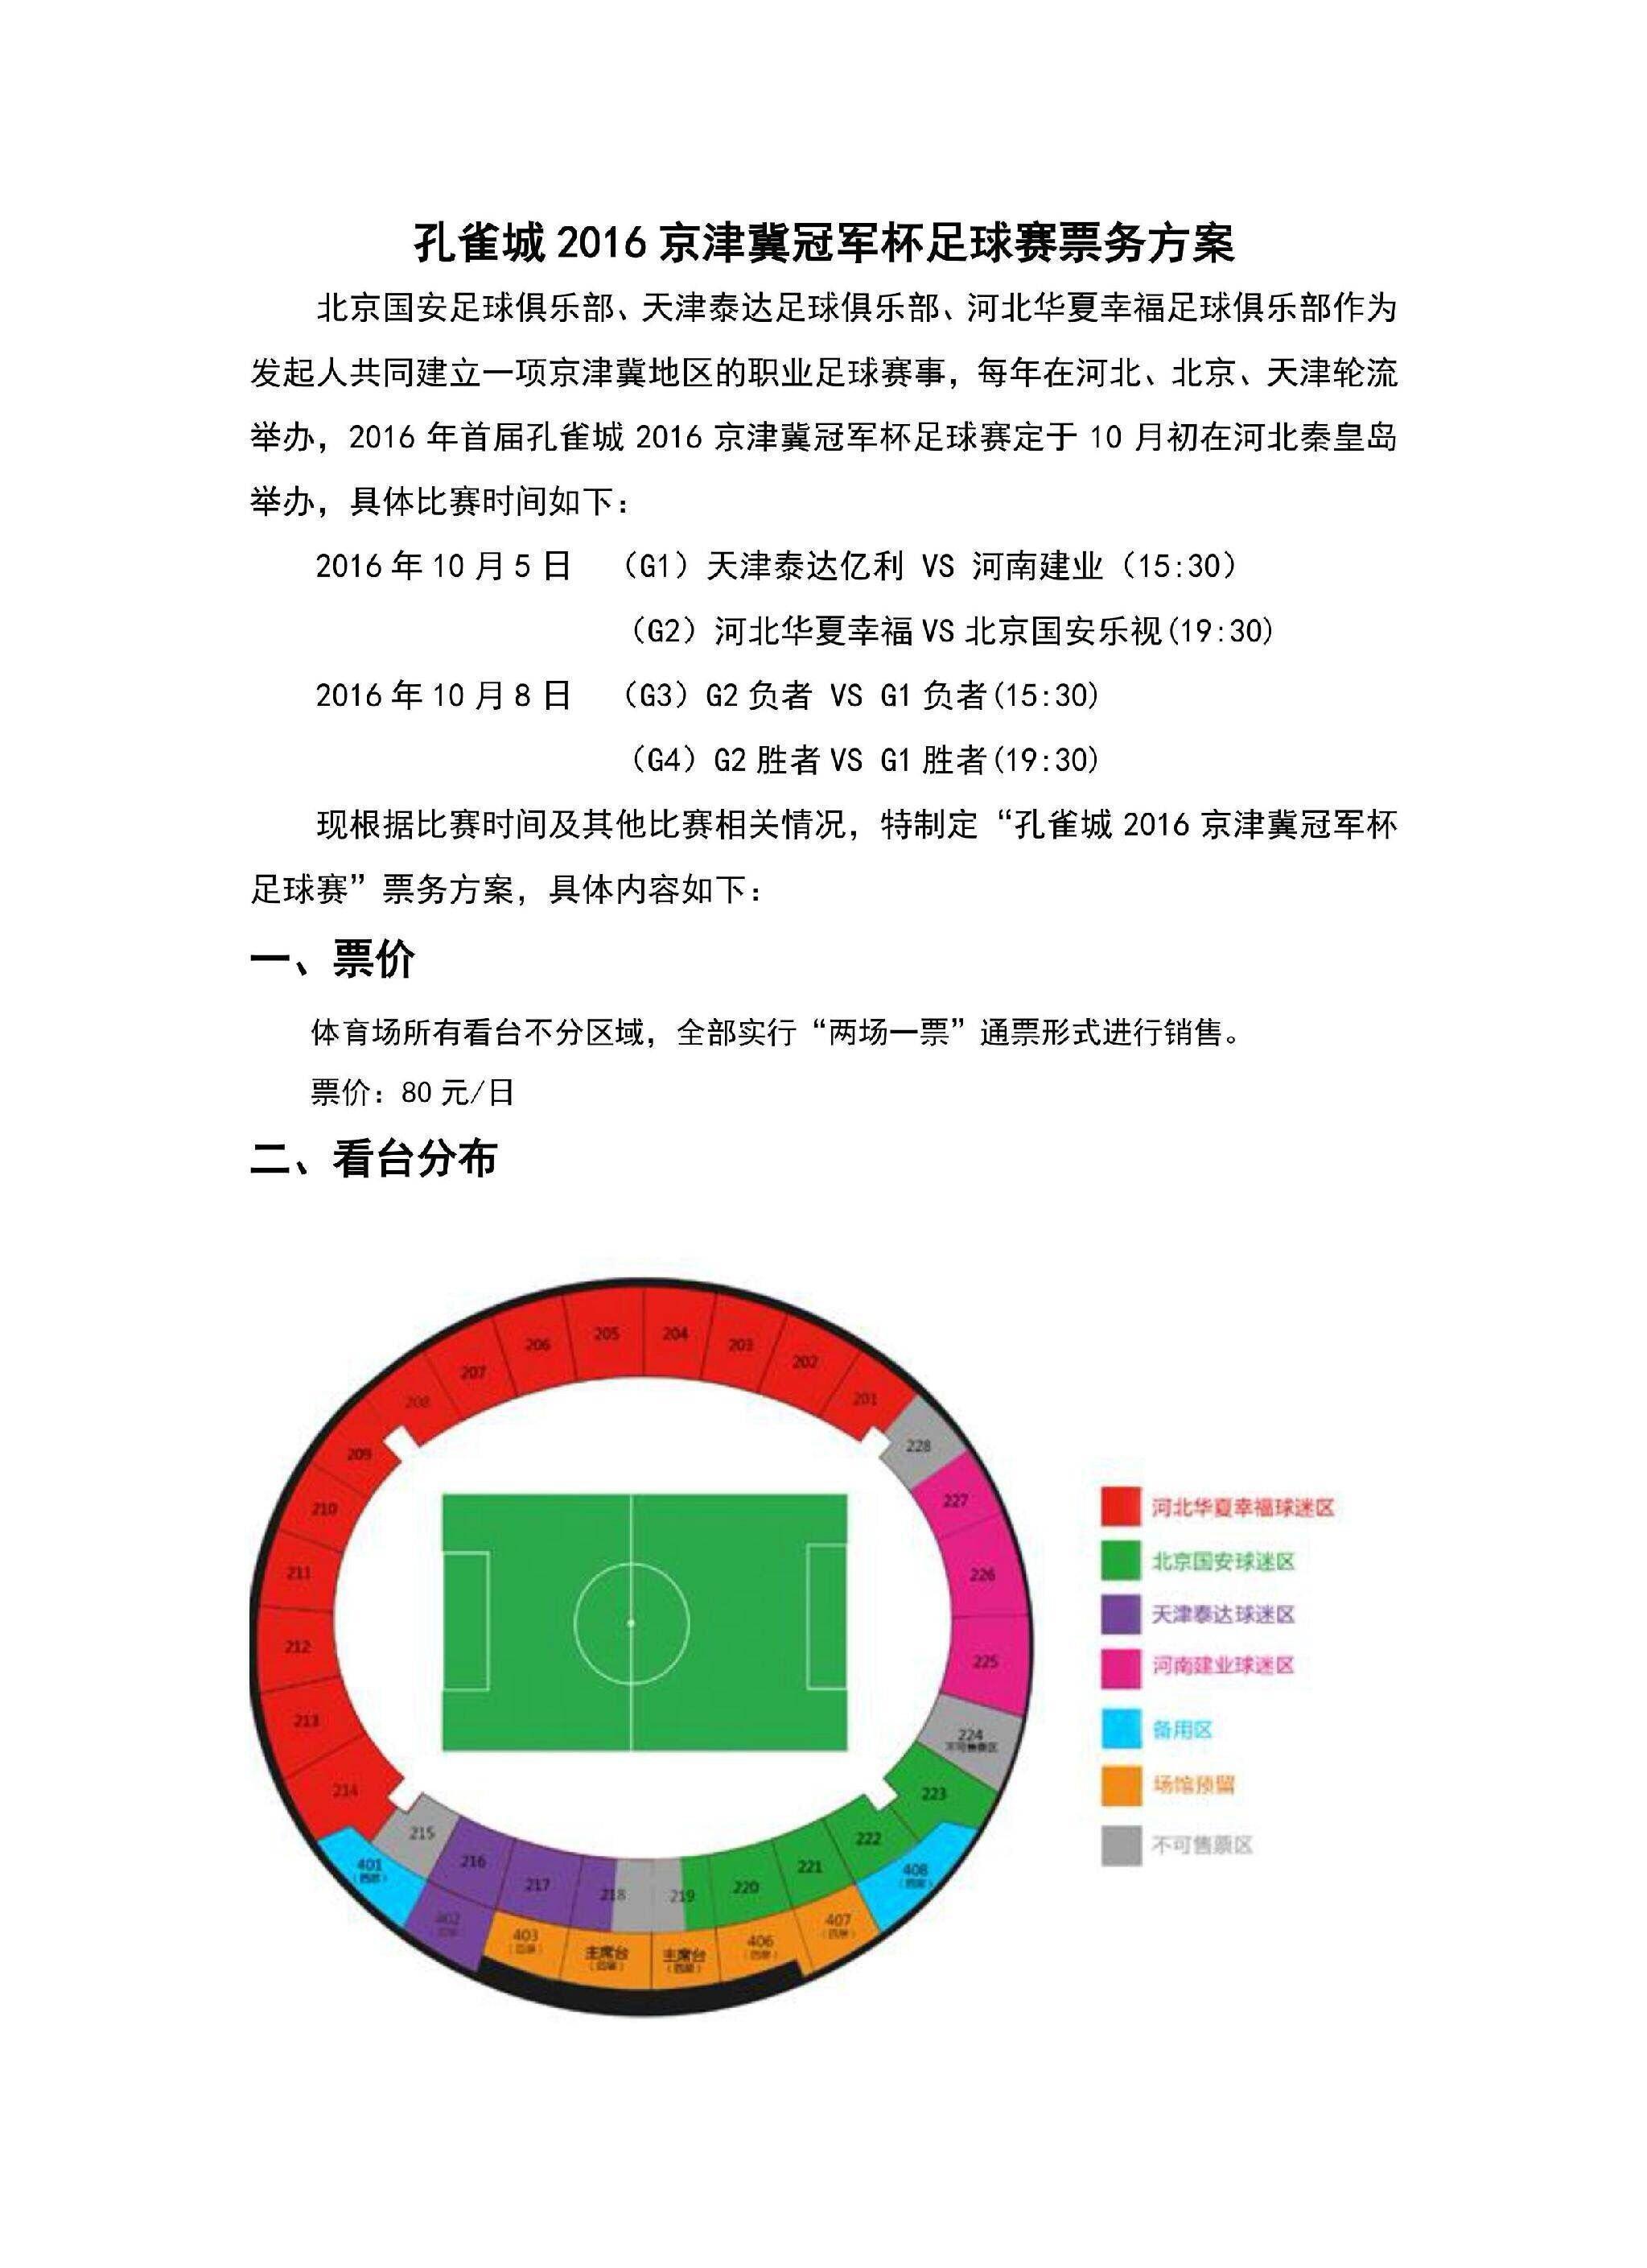 """足球是足球运动或足球比赛的简称。当然它也指足球比赛中的用球。足球运动是一项古老的体育活动,源远流长。最早起源于中国古代的一种球类游戏""""蹴鞠"""",后来经过阿拉.各赛季经典足球录像回放,小米直播网足球频道足球录像吧为大家提供高清足球比赛录像,可以通过本平台在线观看足球视频录像,每天即时更新最新足球视频录像信息,为大.同城游保皇下载,同城游保皇是一款纸牌类游戏。在游戏中玩家可以参入诸多不同的模式进行游戏,玩法多样十分有趣,同时游戏还支持单人模式,也可以和你的朋友一起玩,."""